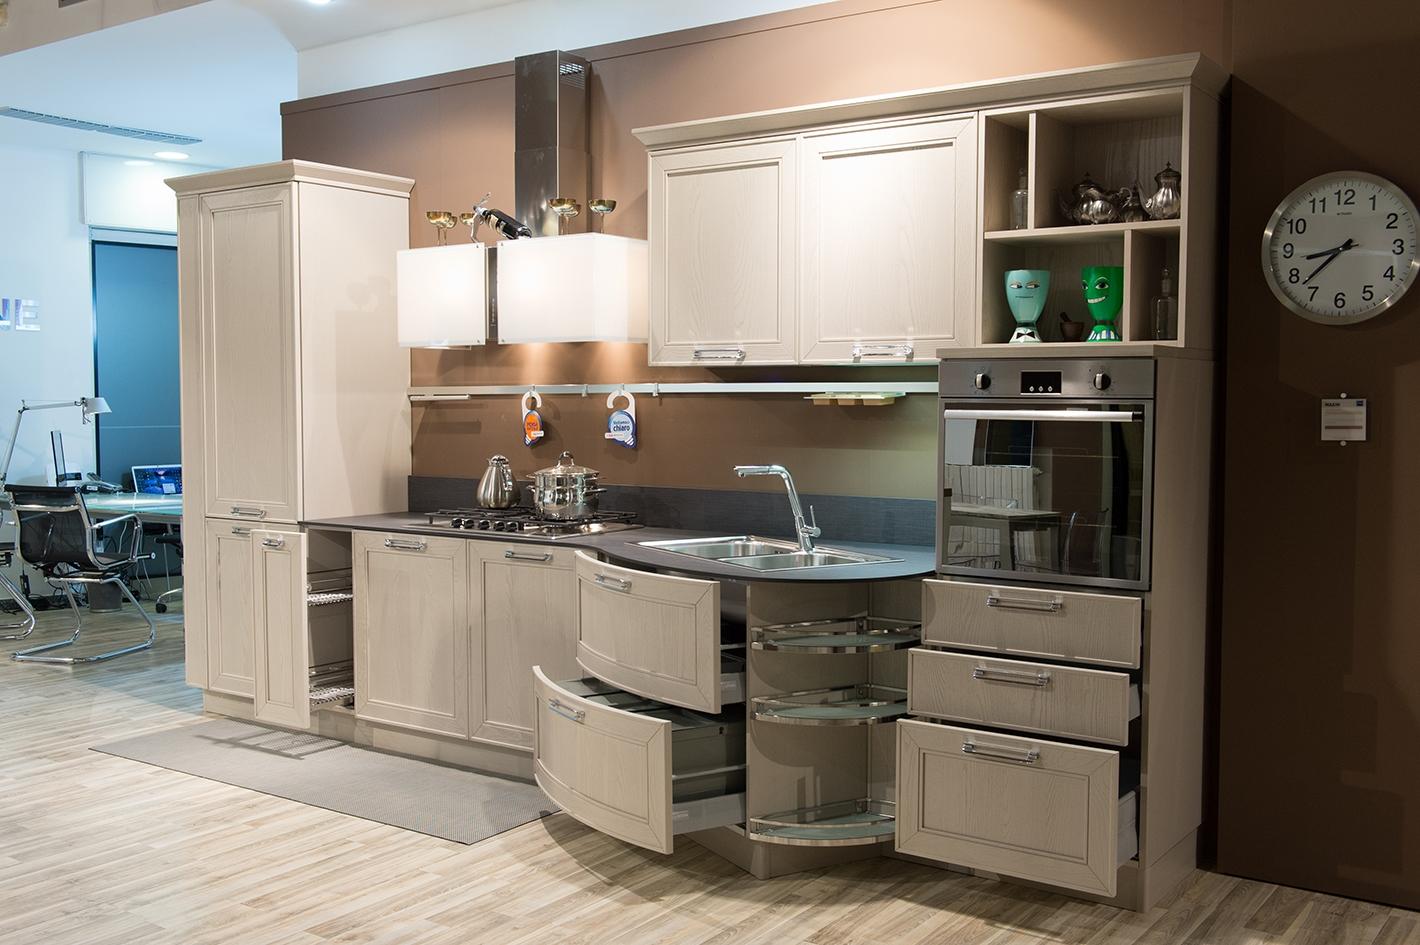 Cucina stosa maxim completa di elettrodomestici cucine a - Cucine di marca scontate ...